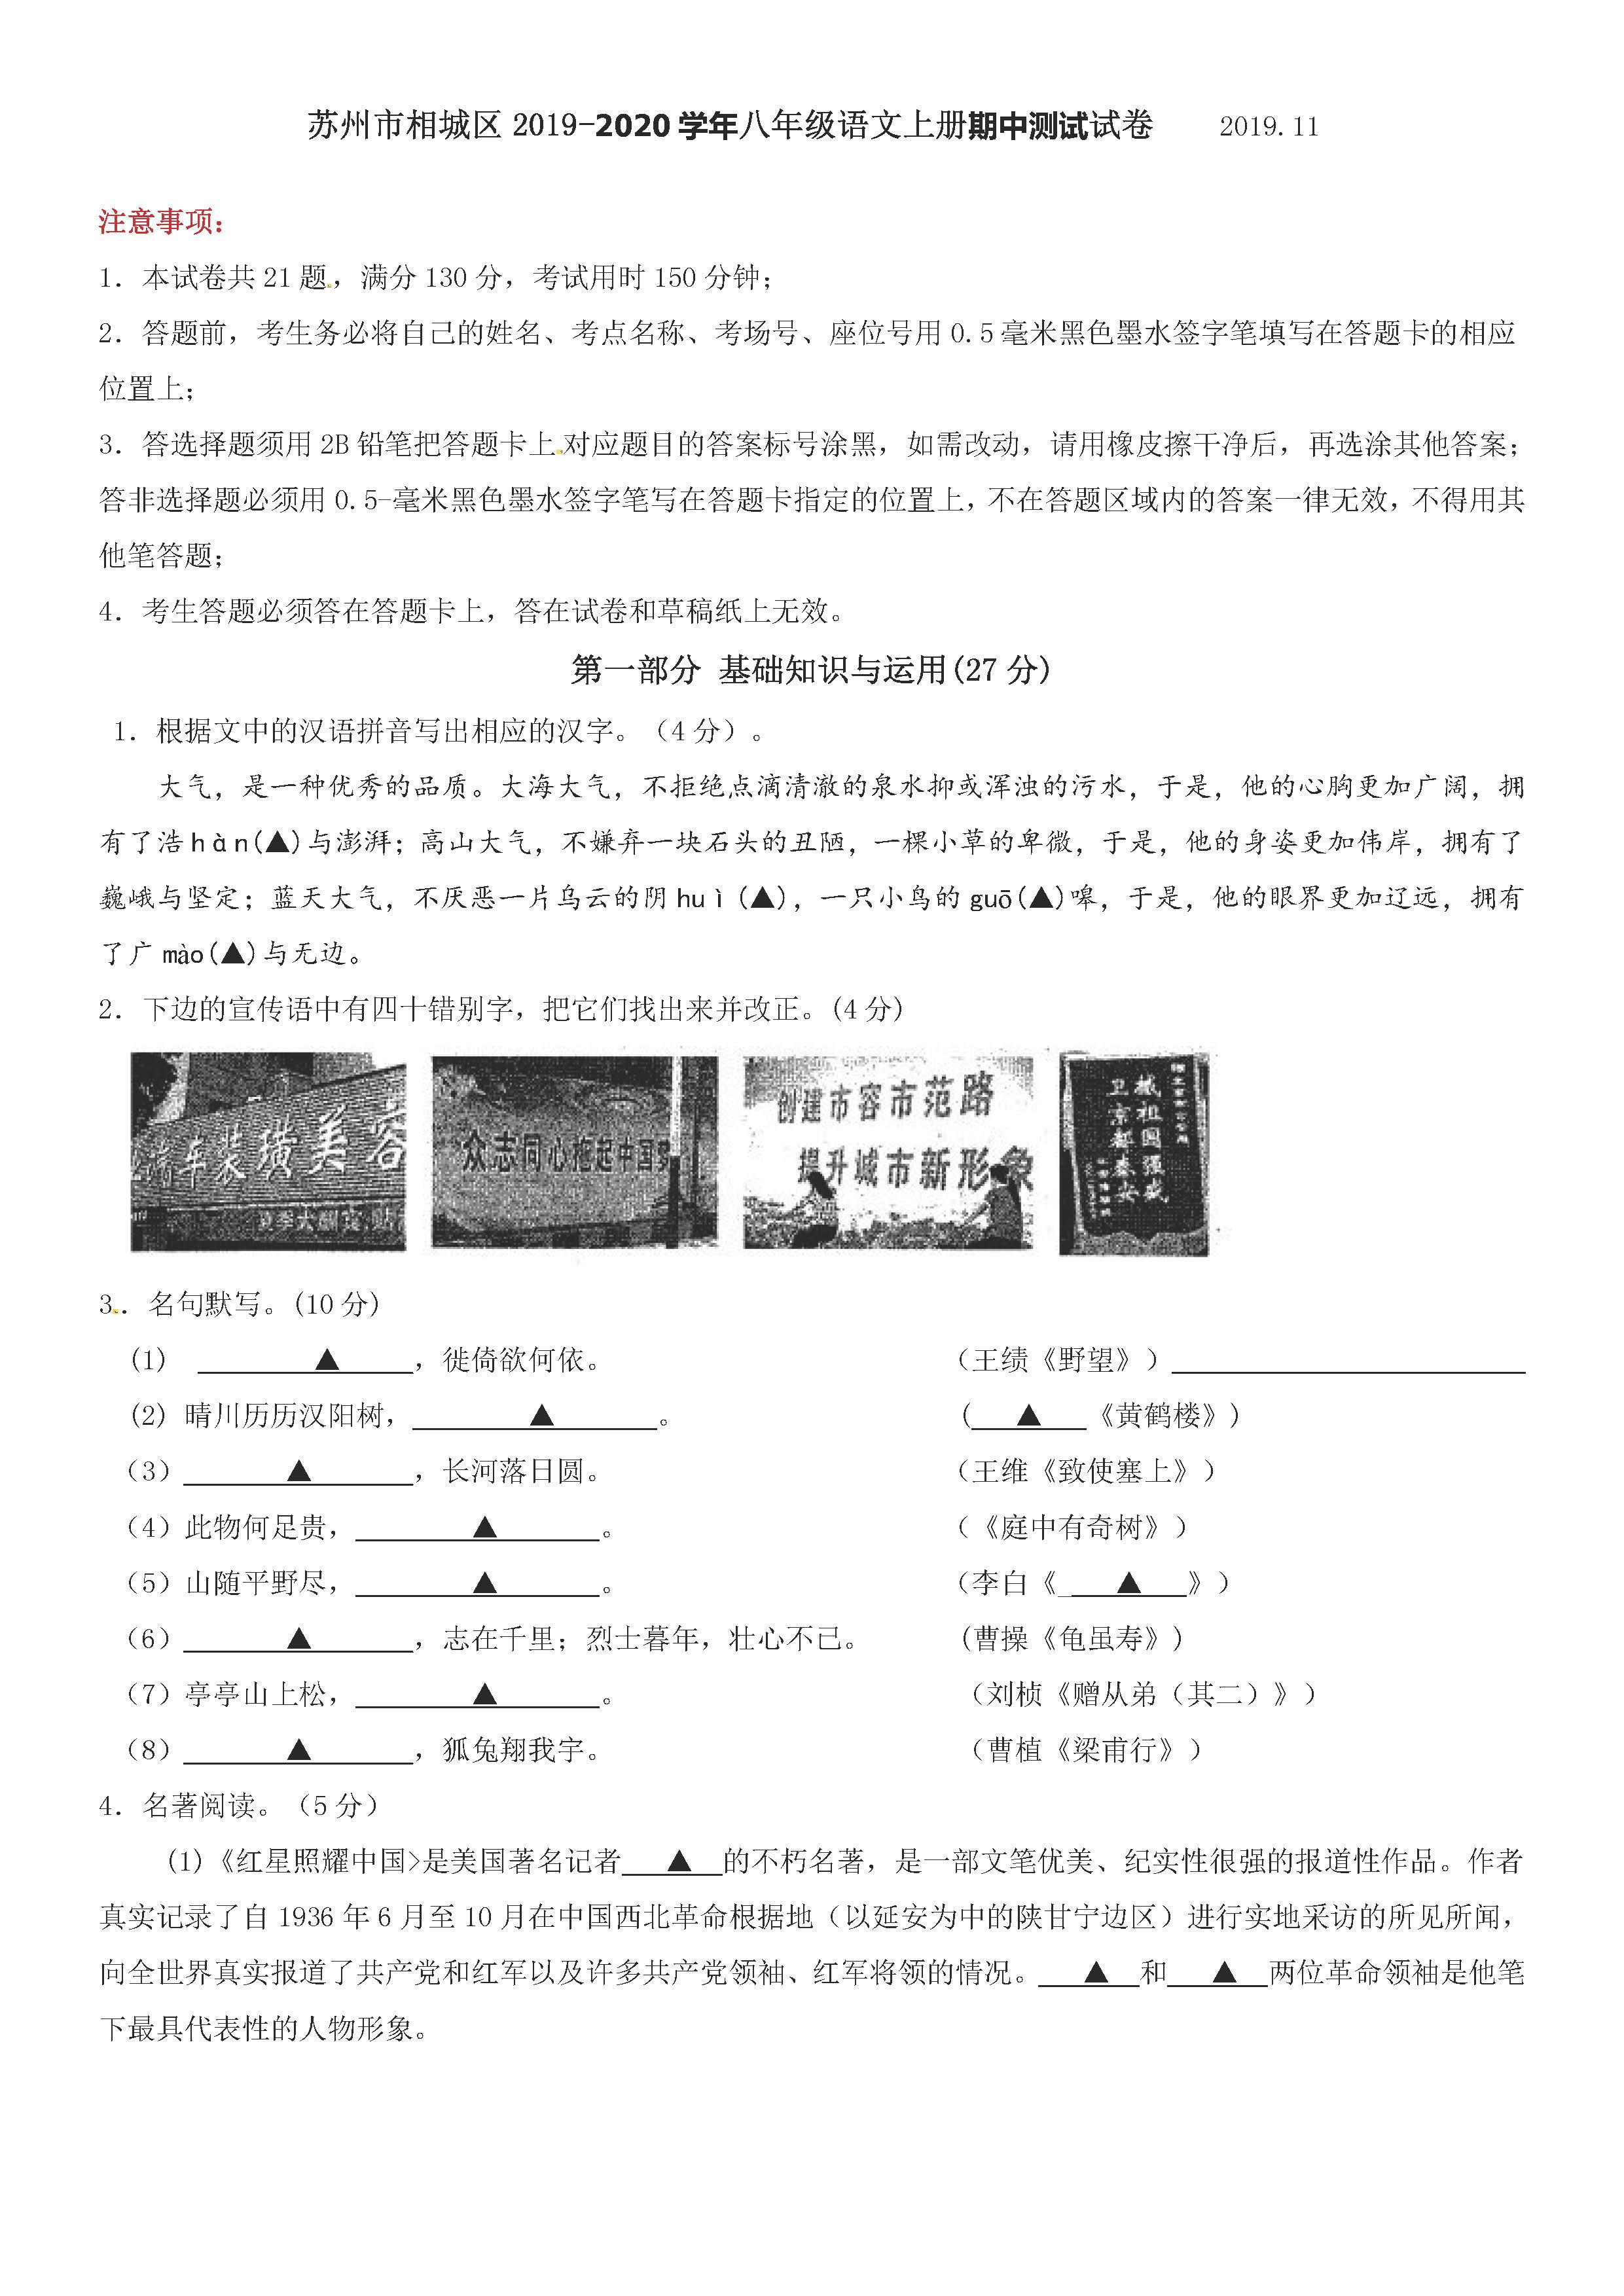 2019-2020江苏省苏州市八年级语文上册期中试题无答案